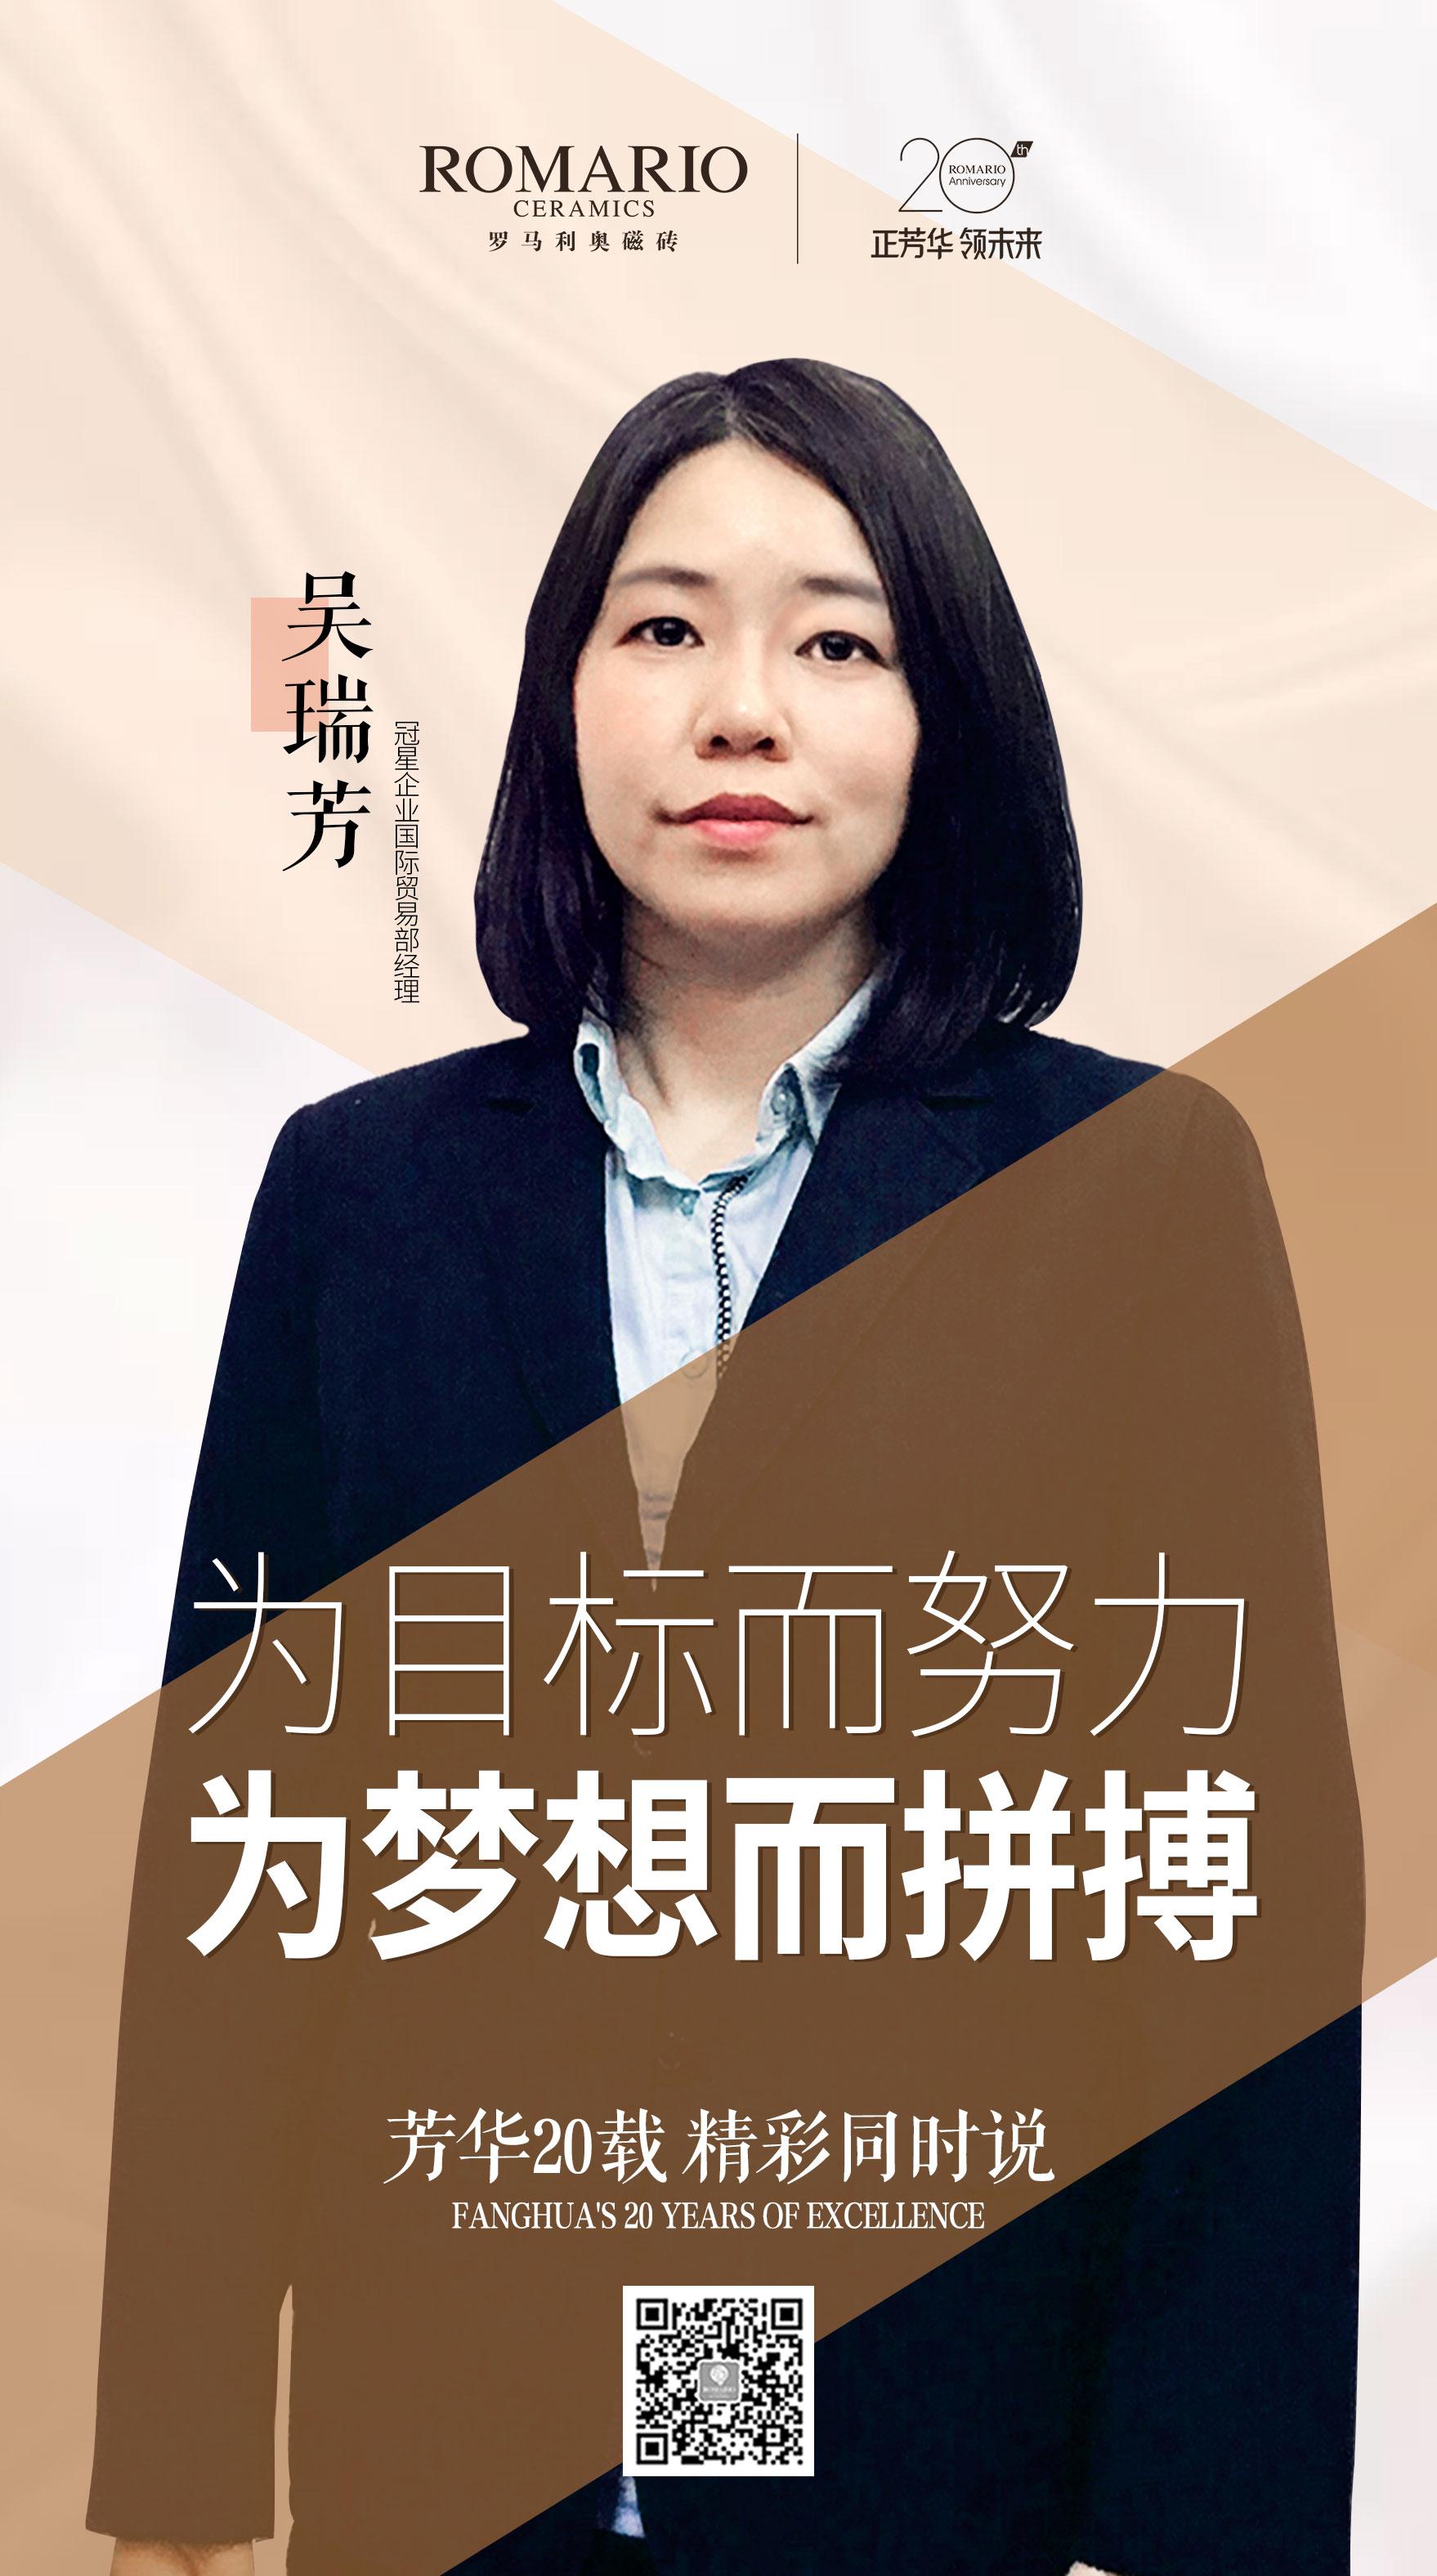 10-国际贸易部经理吴瑞芳吴瑞芳